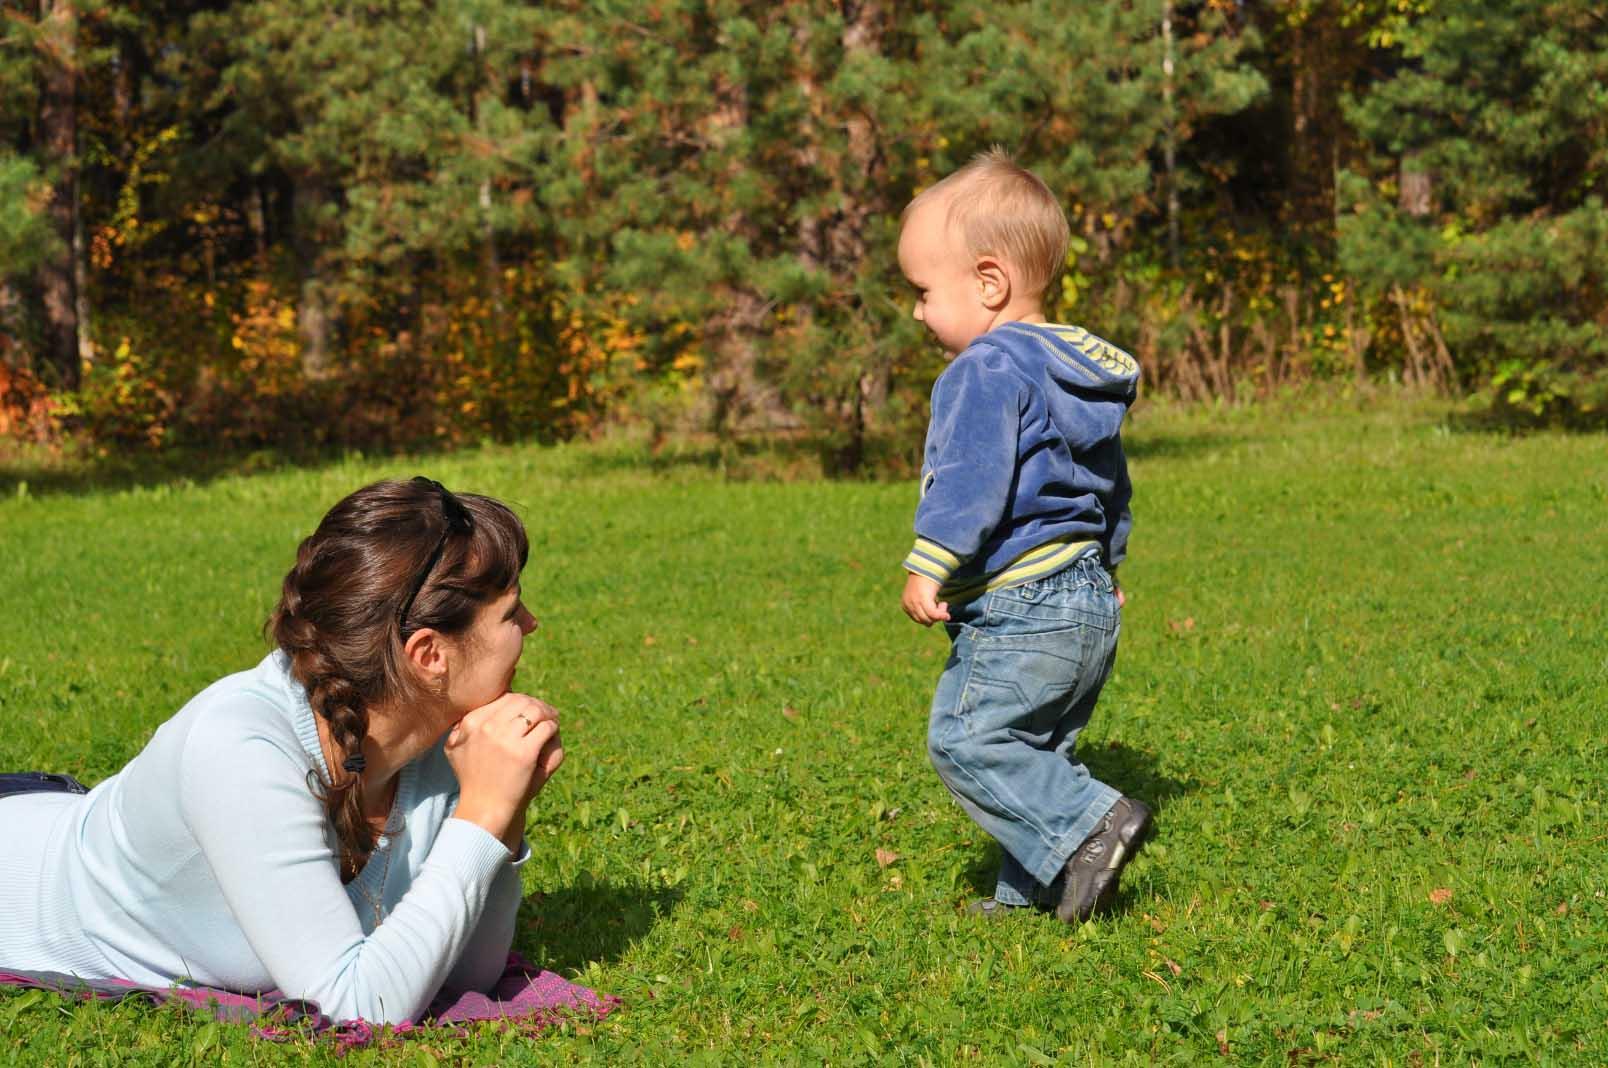 Дети - Розыгрыш дня: первые шаги ребенка